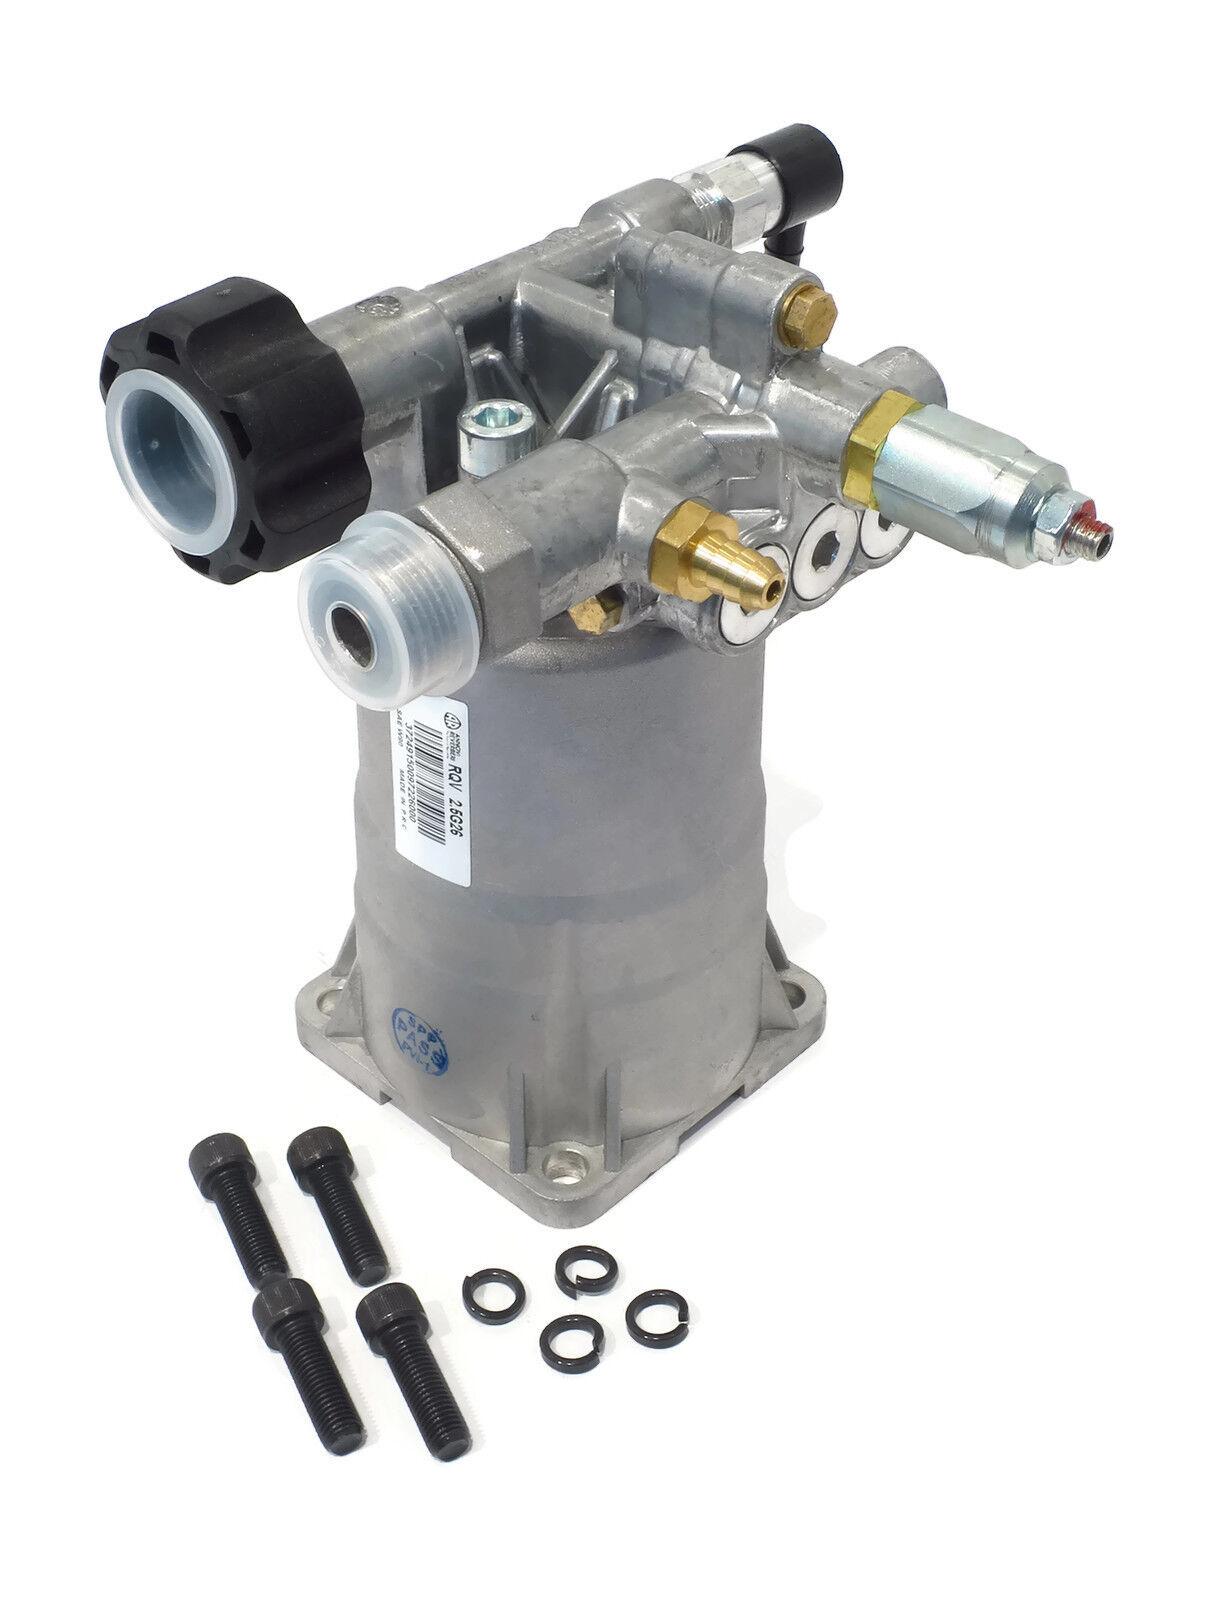 Nuevo 2600 PSI Hidrolimpiadora Bomba de agua de alimentación Briggs & Stratton 1903 01903-0